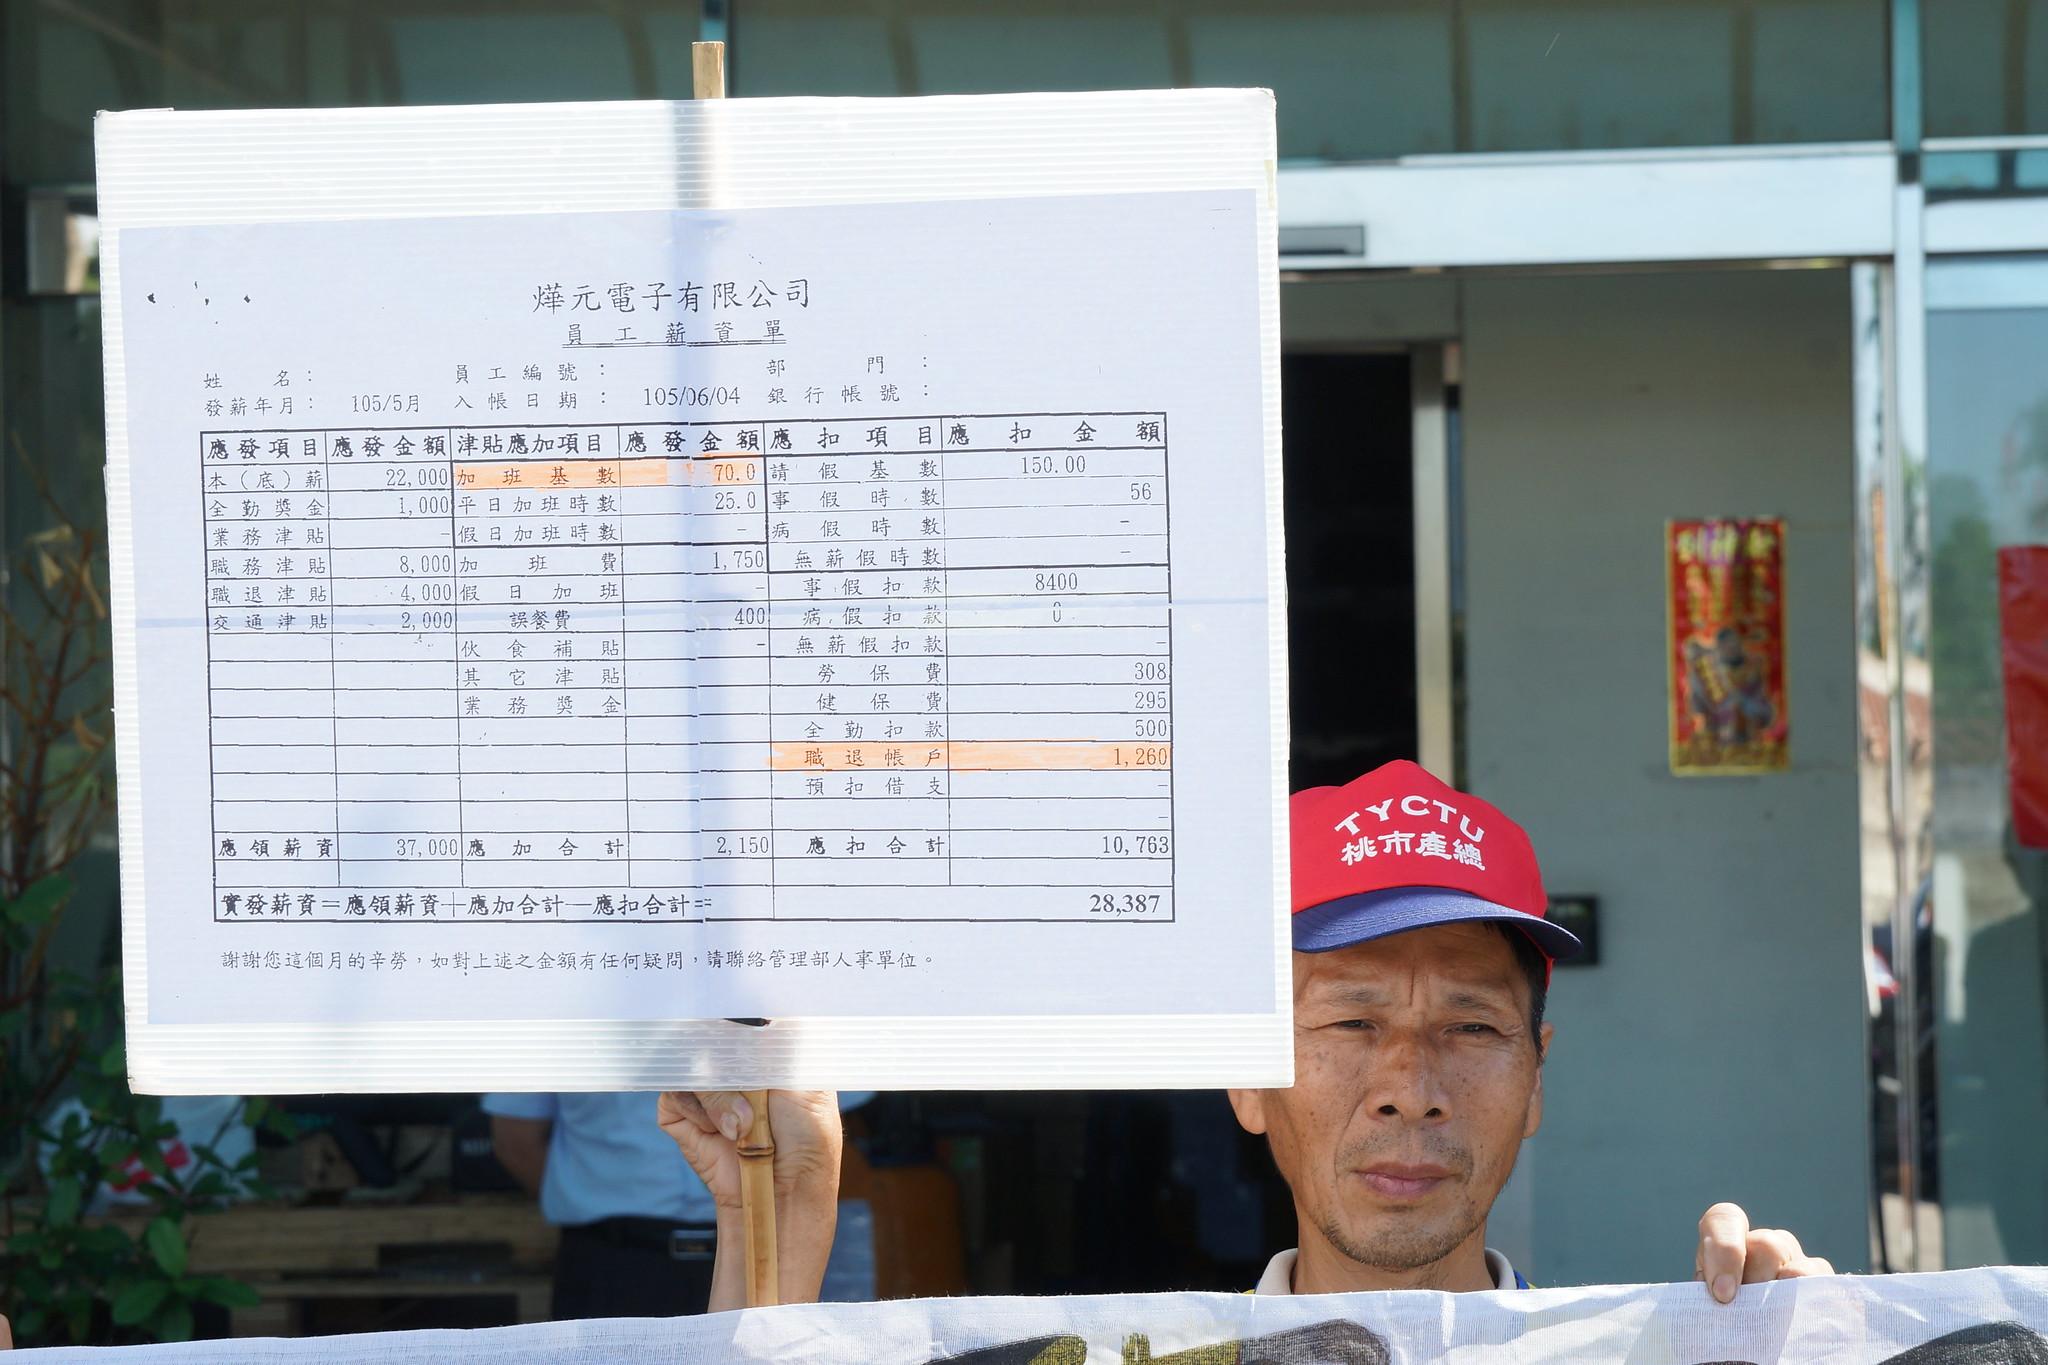 根據薪資單,顯示燁元電子加班費僅70元,且勞退6%從薪資工扣除。(攝影:王顥中)